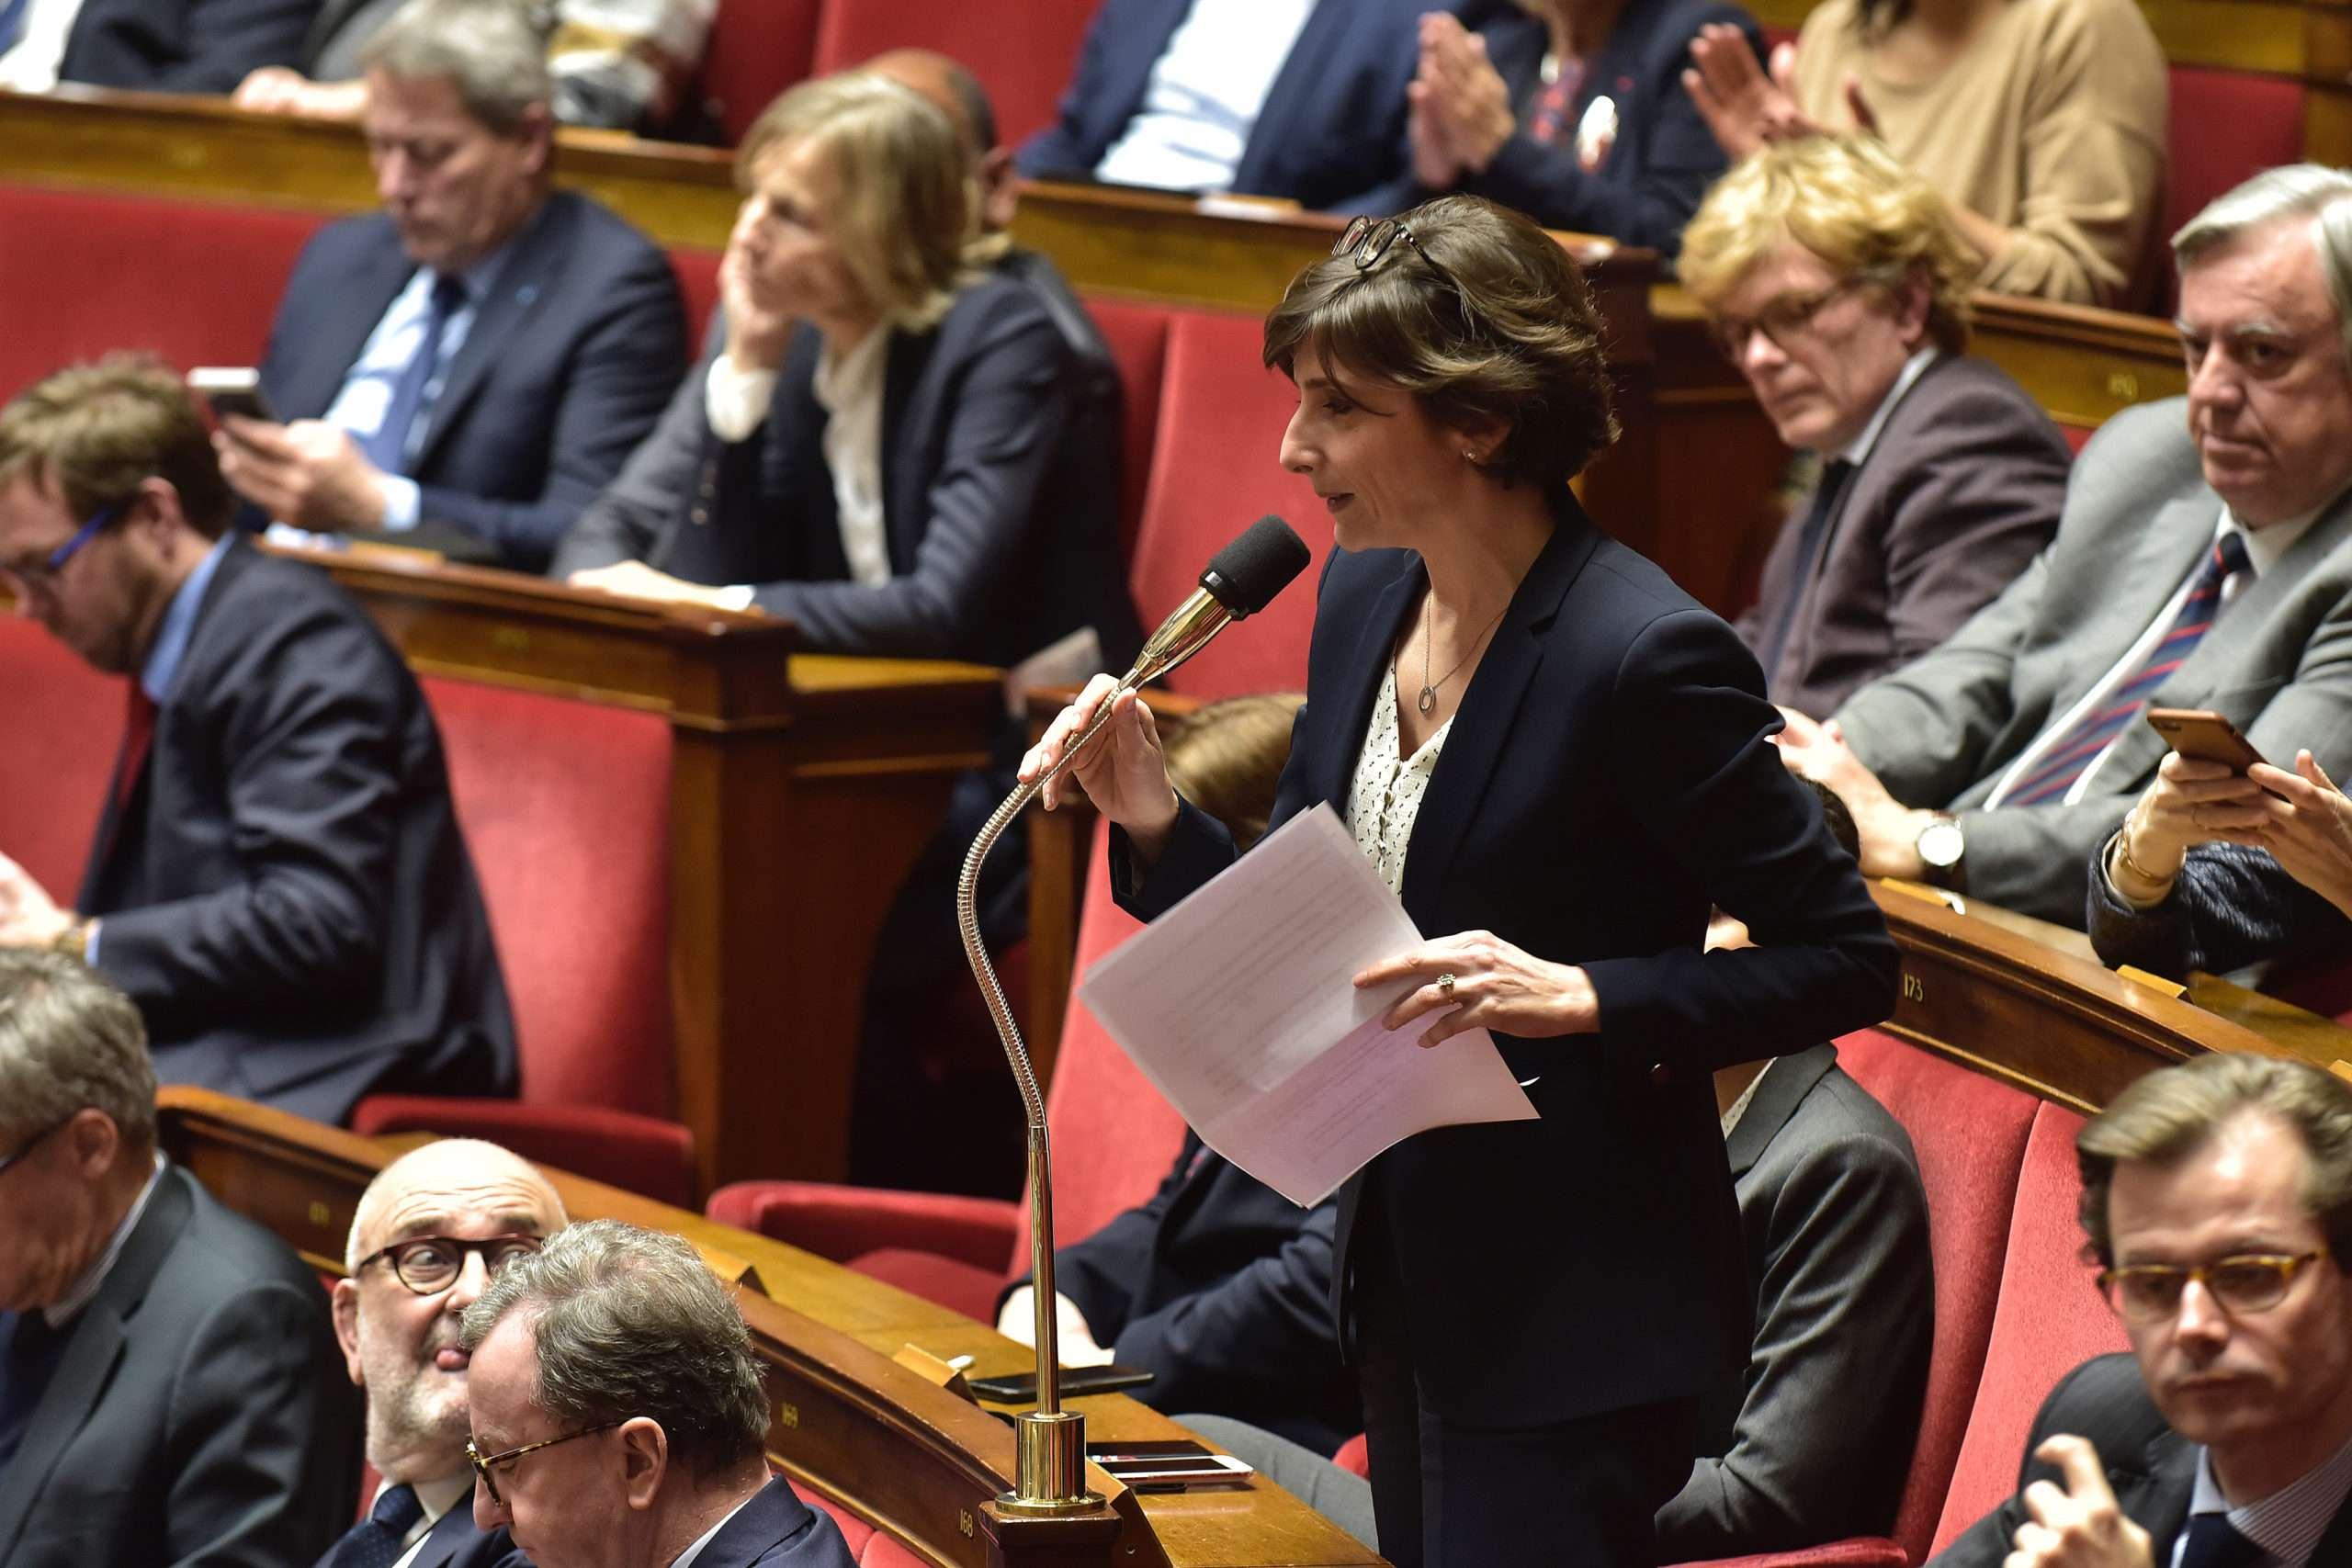 À partir de ce 27 juillet 2020, les députés, ici Nathalie Elimas membre du Modem, étudient le projet de la loi sur la Bioéthique en deuxième lecture. Photographie : creatives commons.